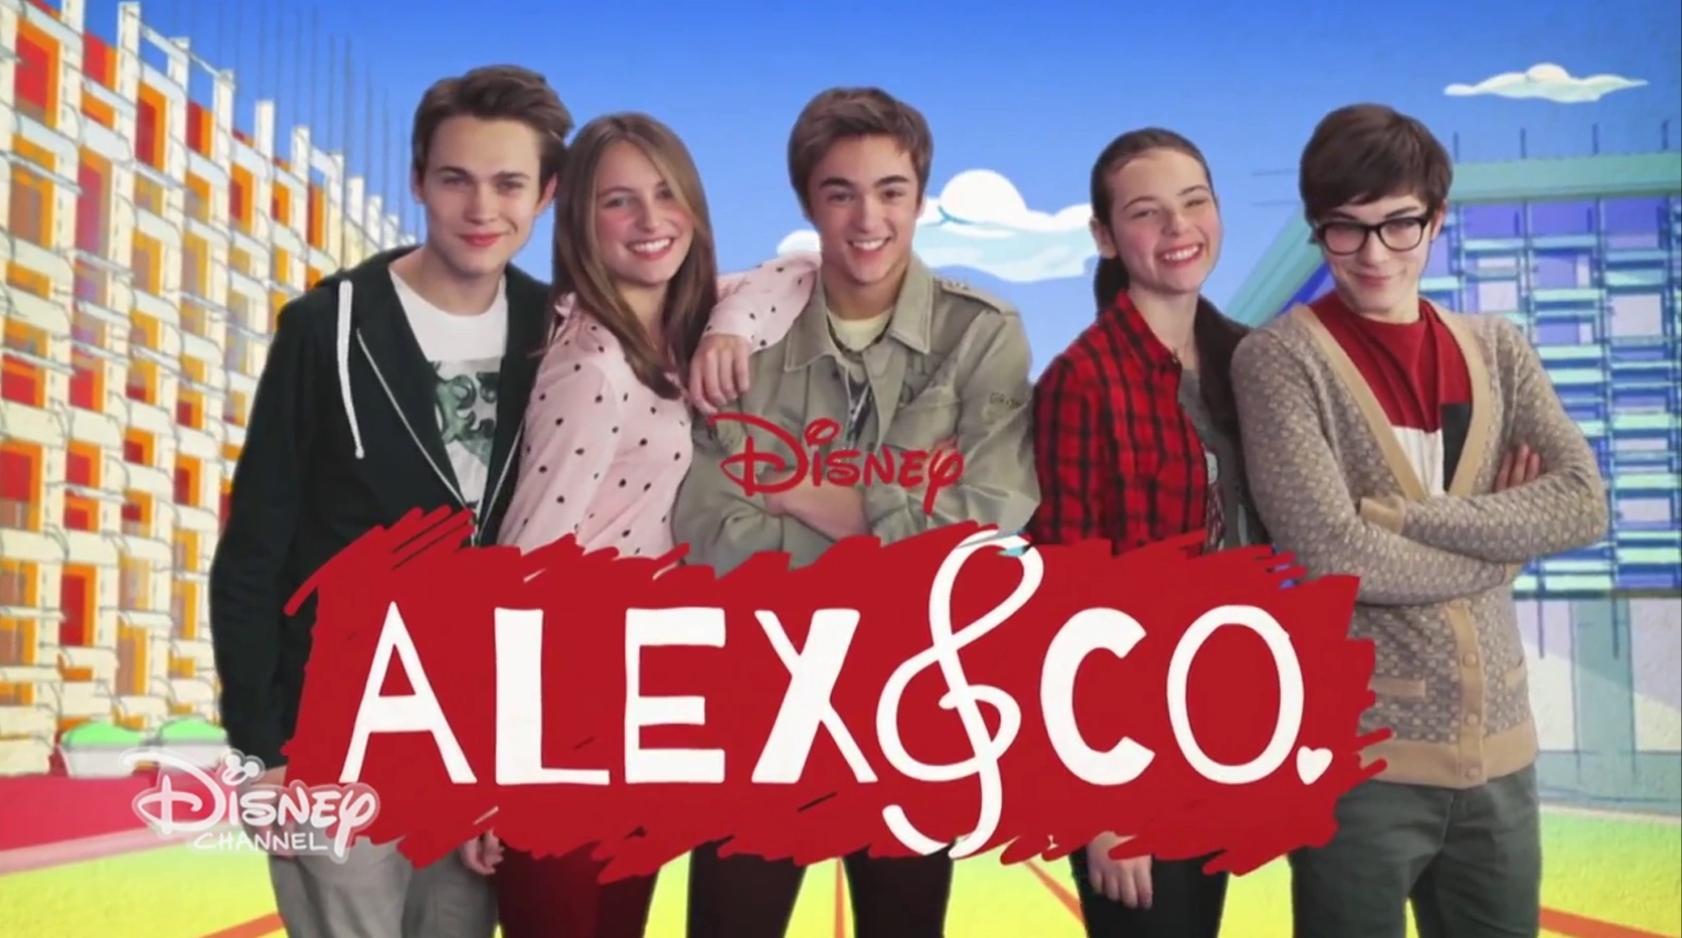 Alex & Co: Sezonul 3 Episodul 8 Online Dublat